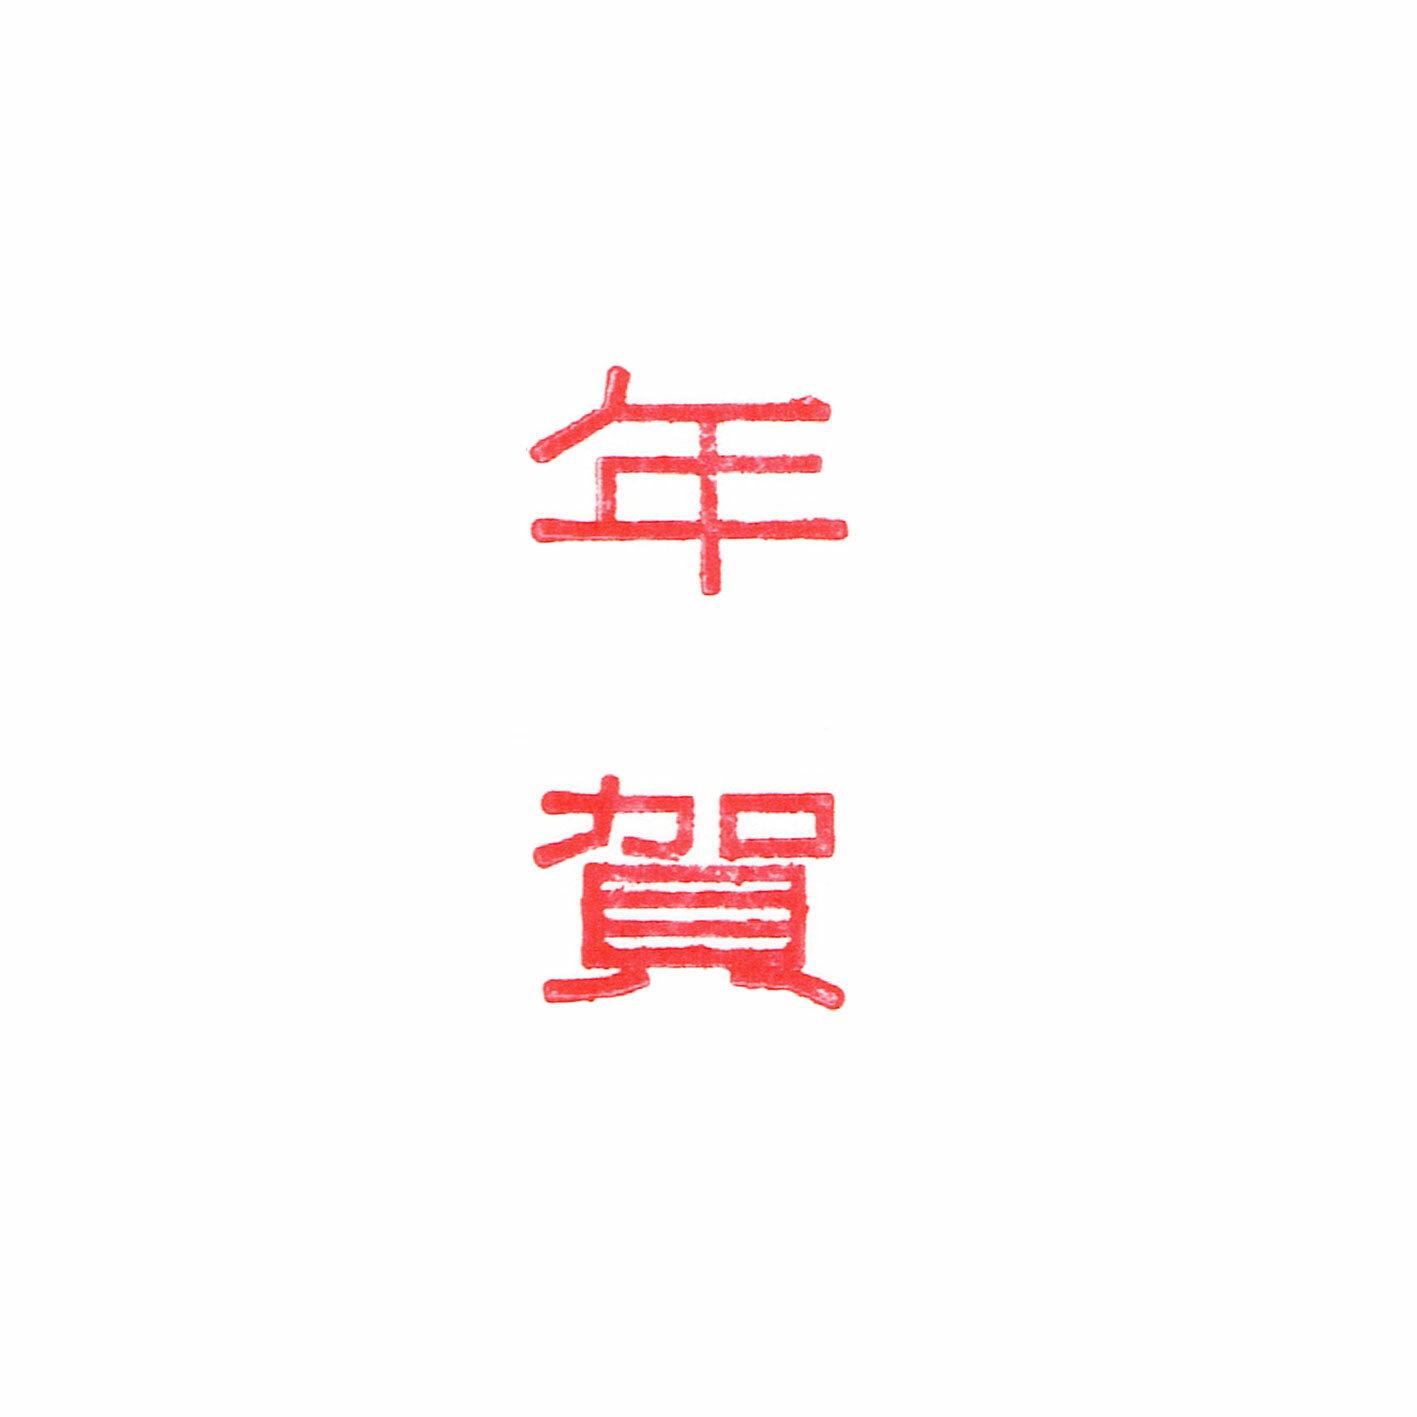 年賀ゴム印(縦書き)